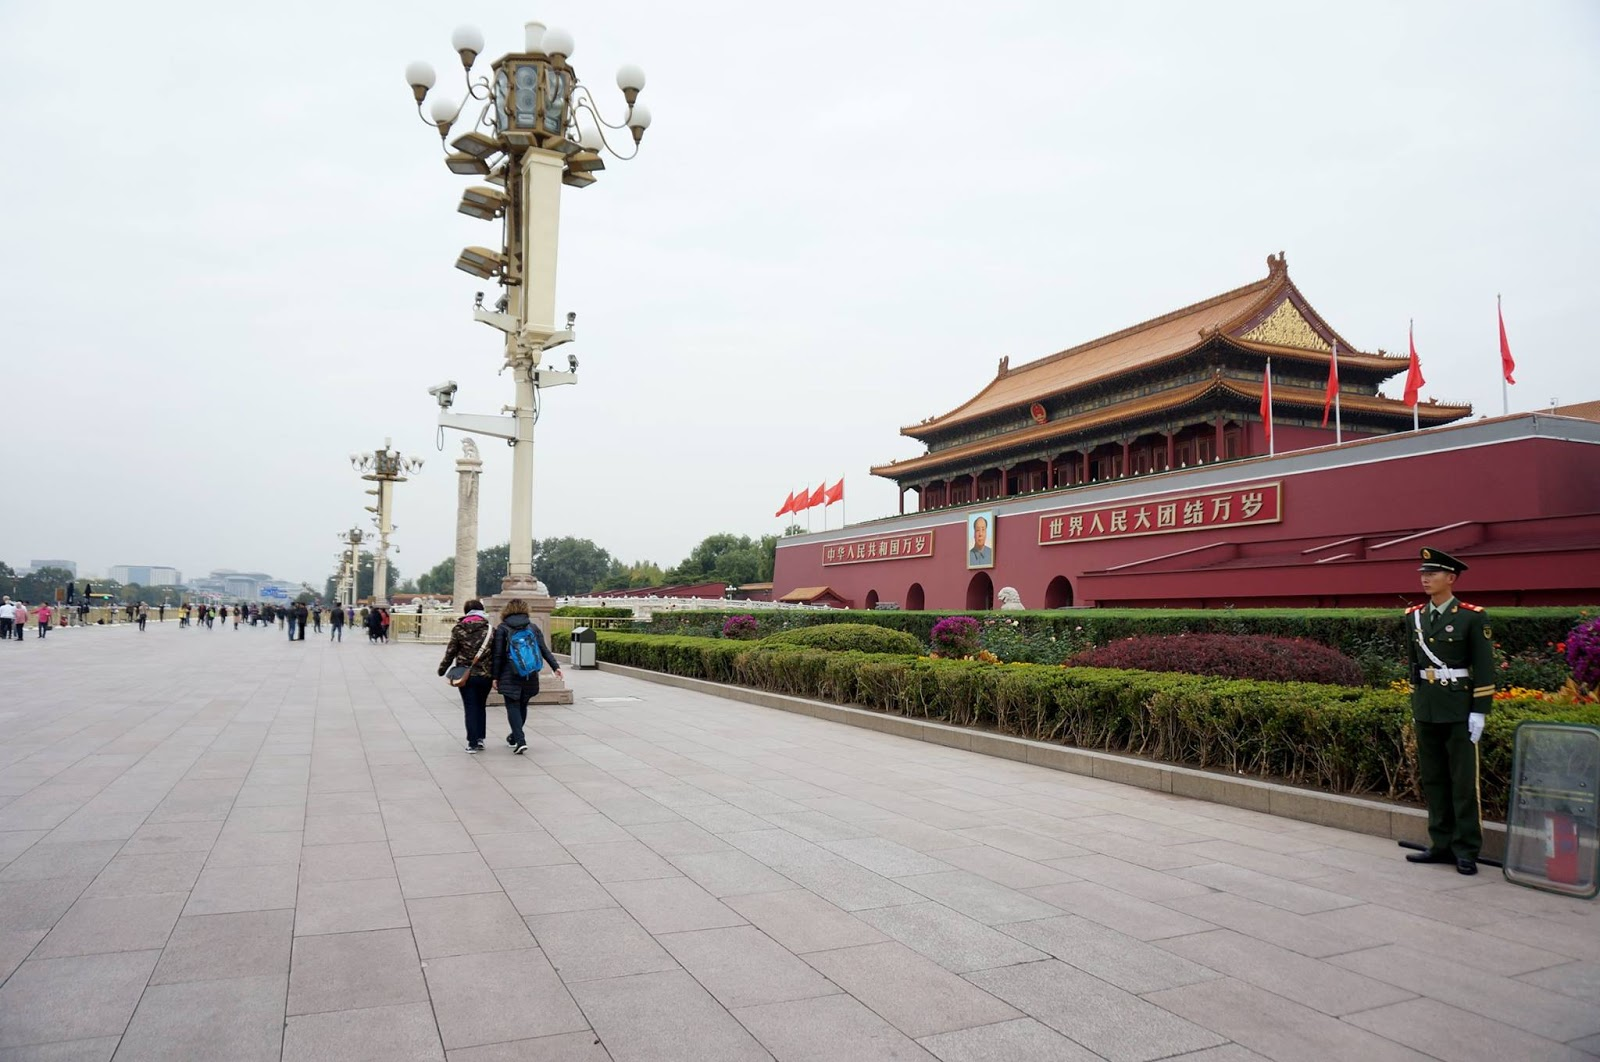 北京 DAY2 毛澤東紀念館 北京孔廟 頤和園 老舍茶館